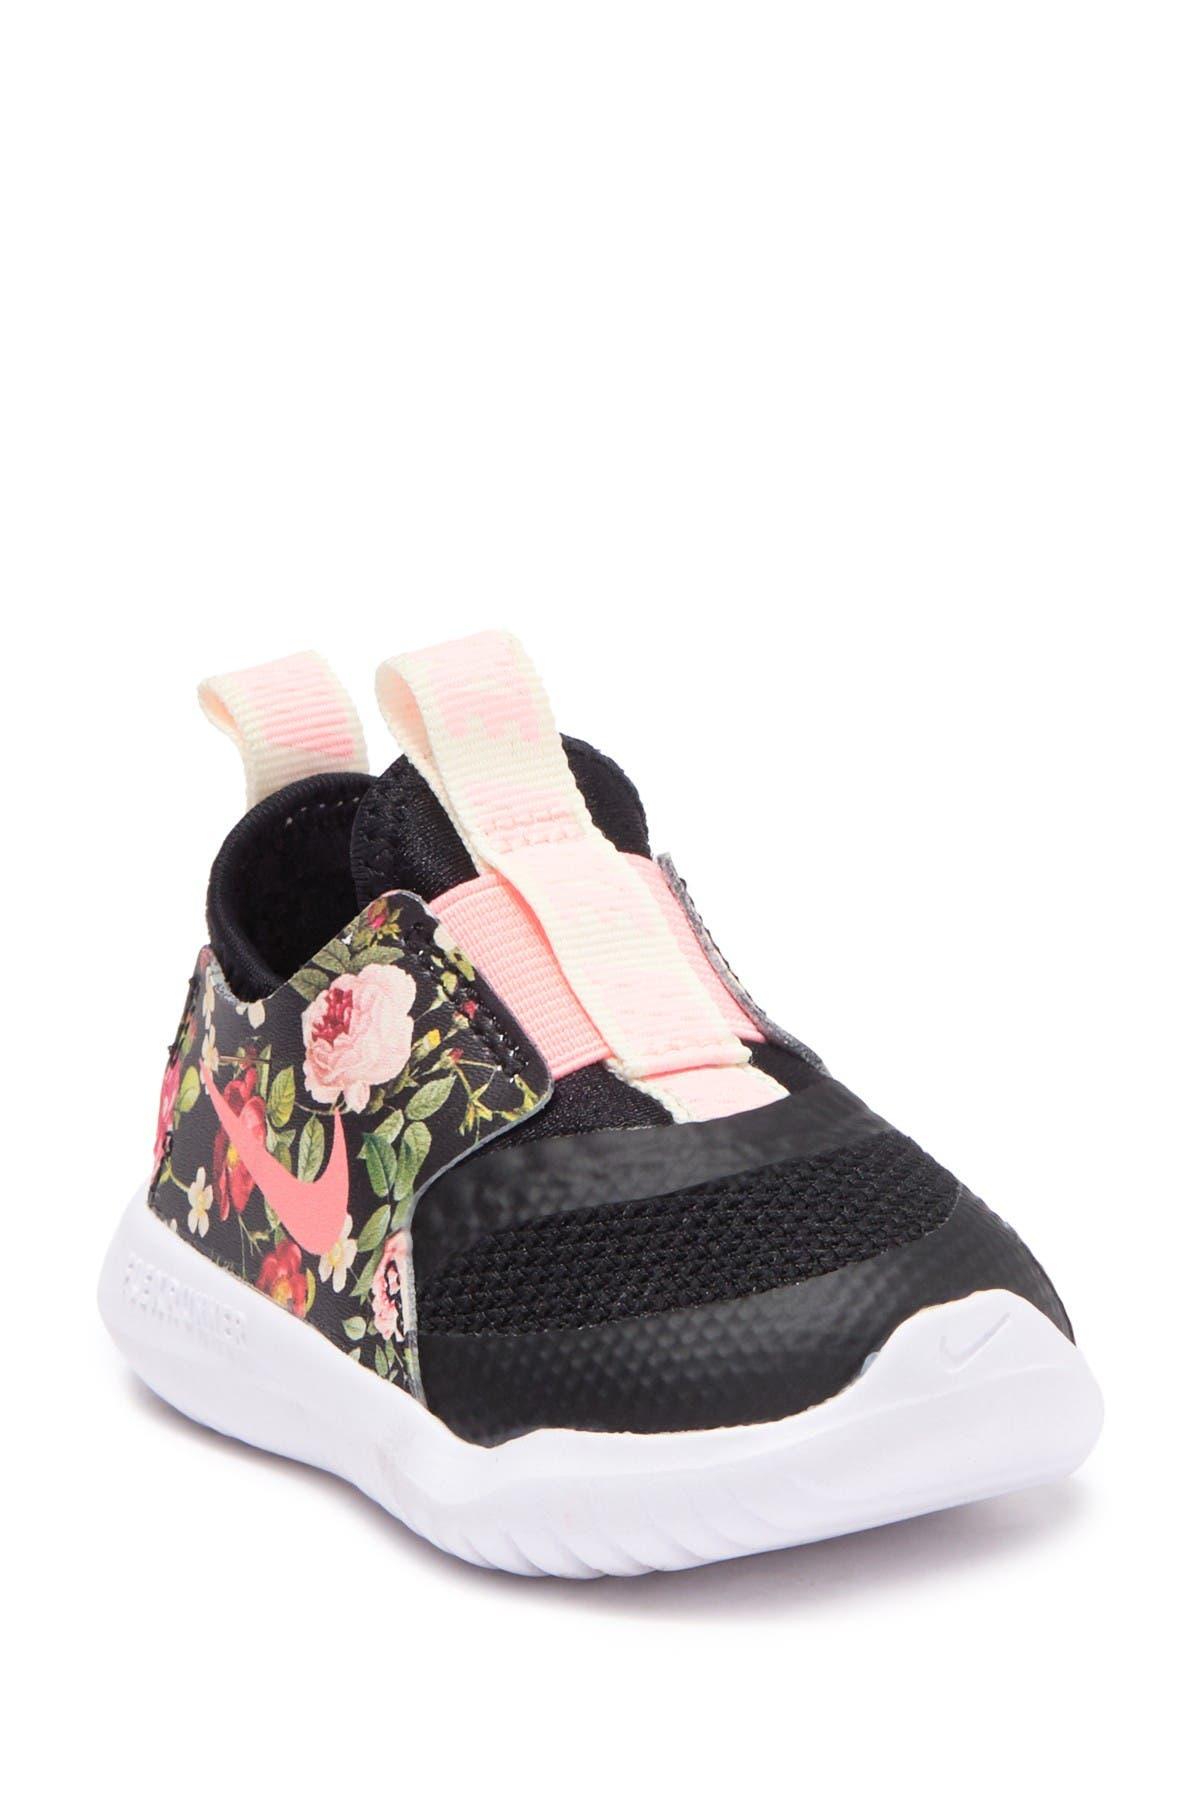 Nike | Flex Runner Vintage Floral Shoe